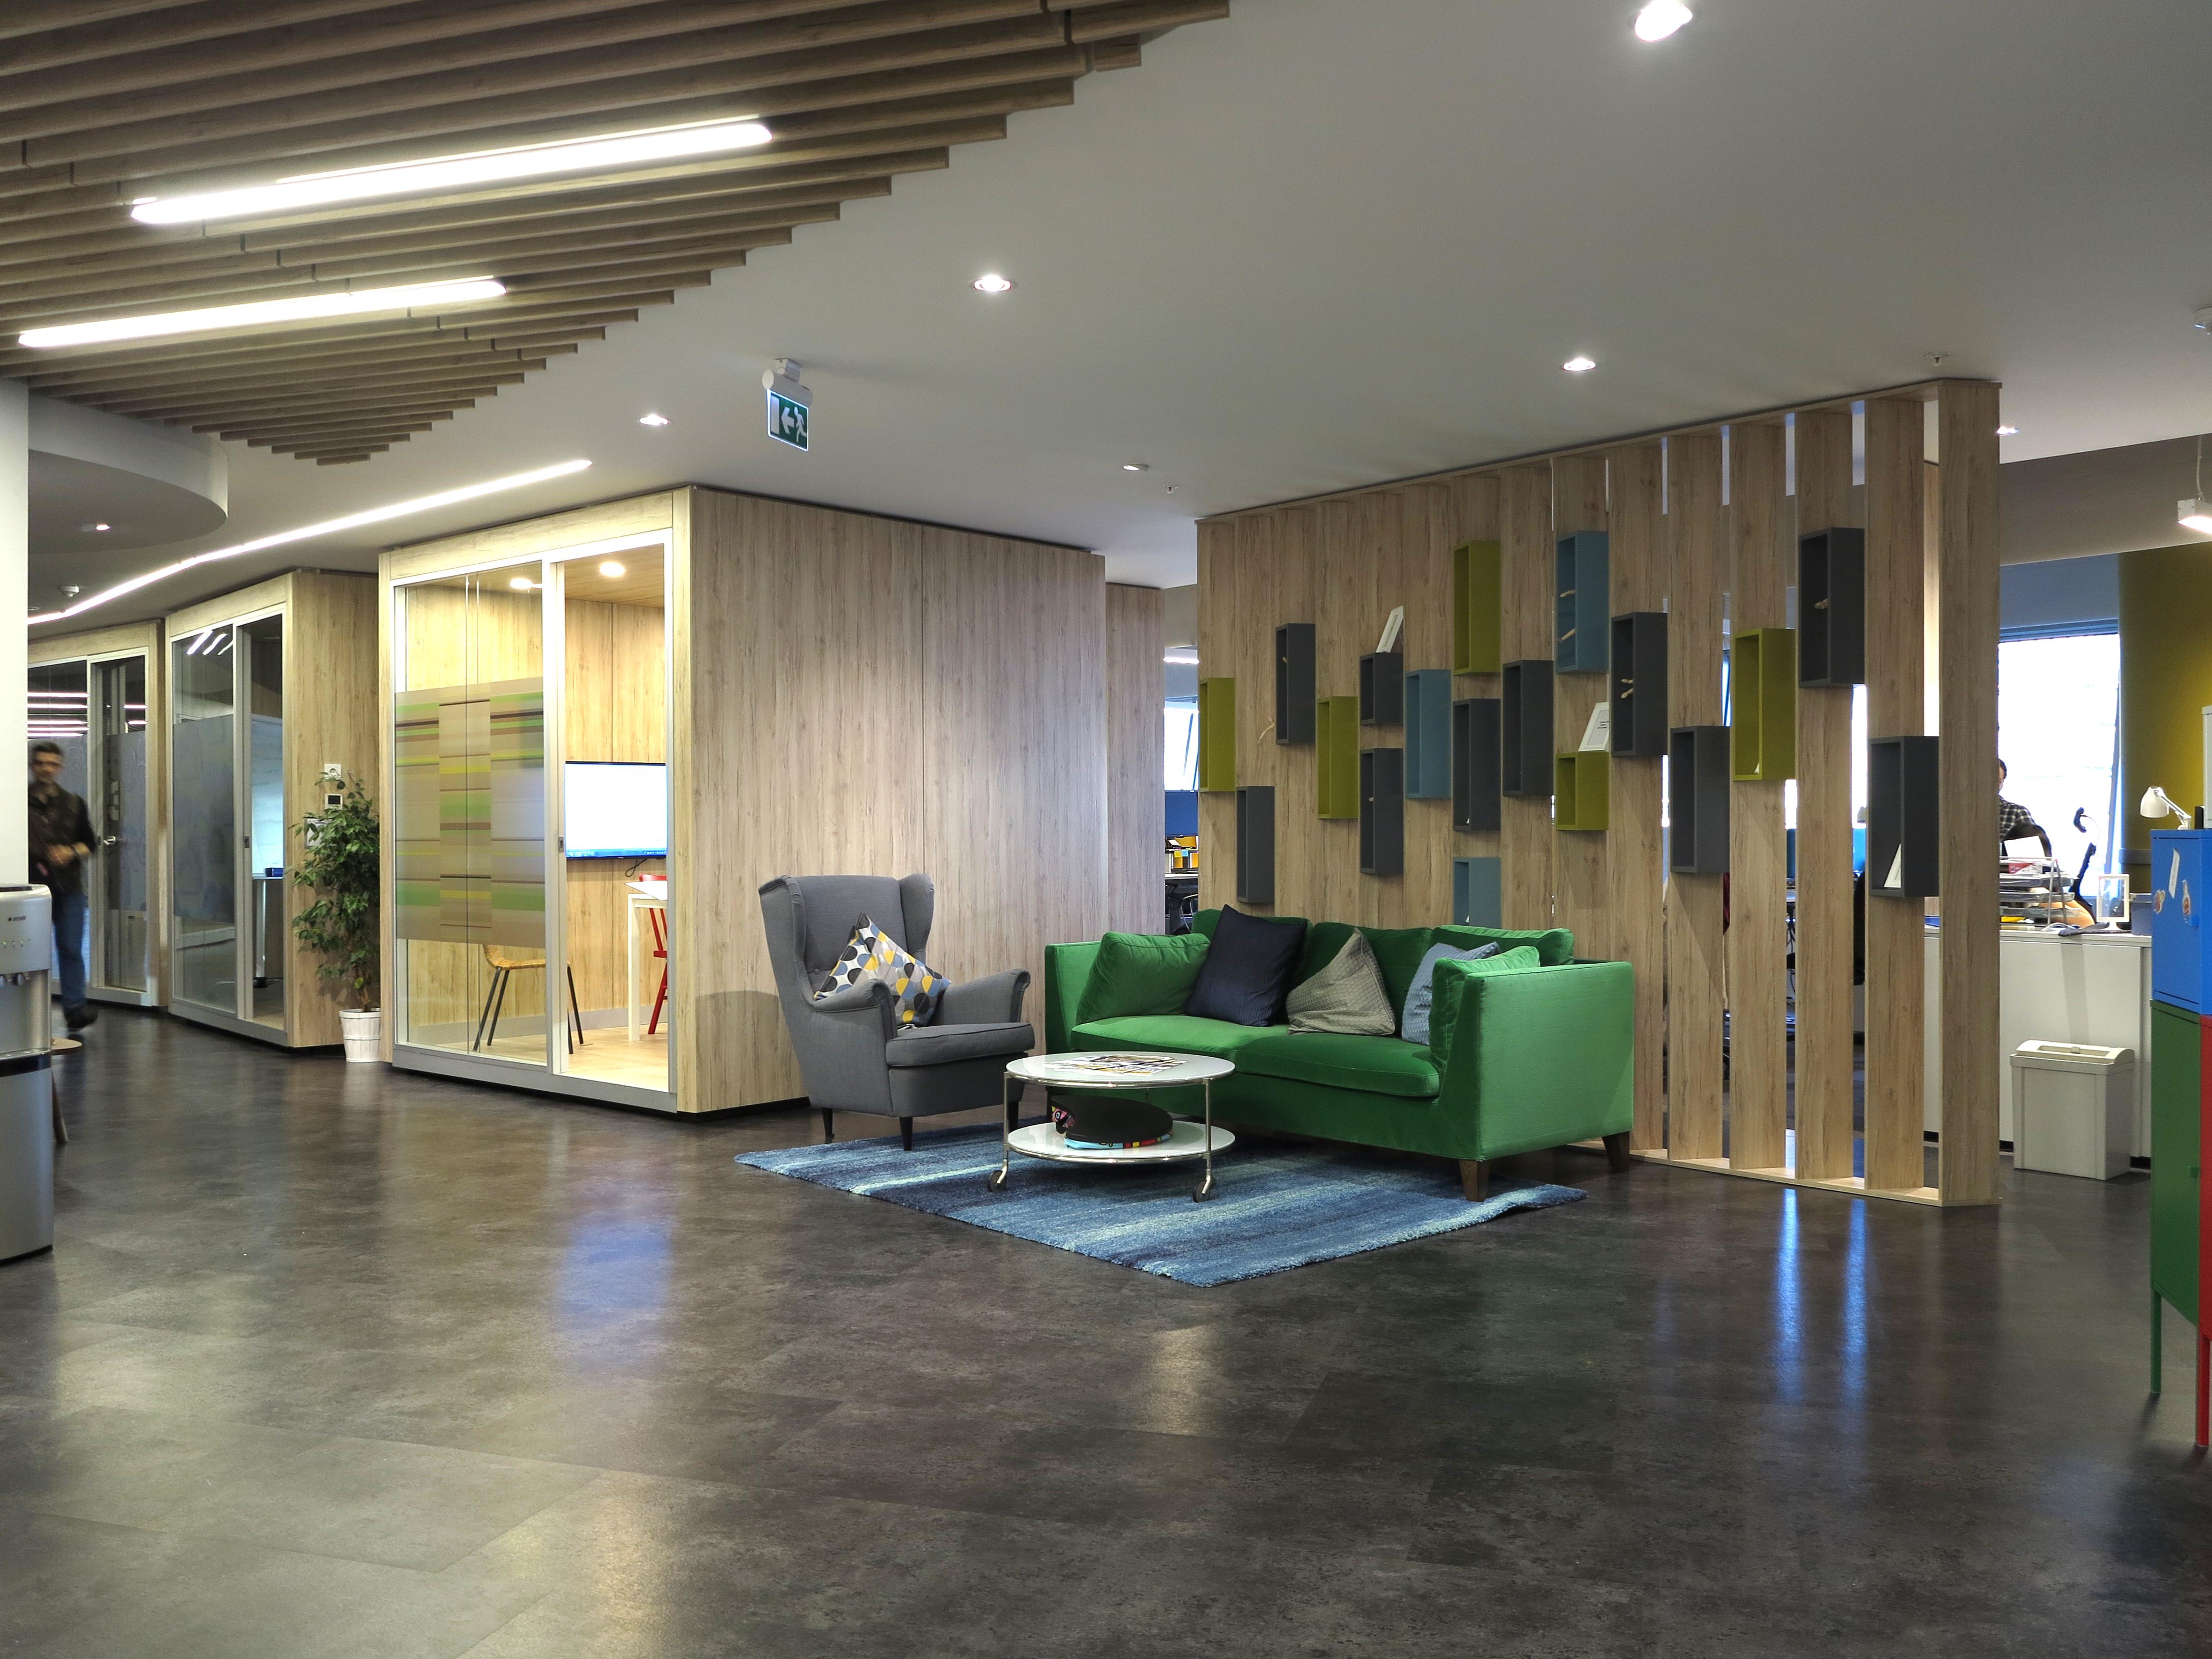 IKEA satınalma ofisi  Mobilya kullanım fotoğrafı